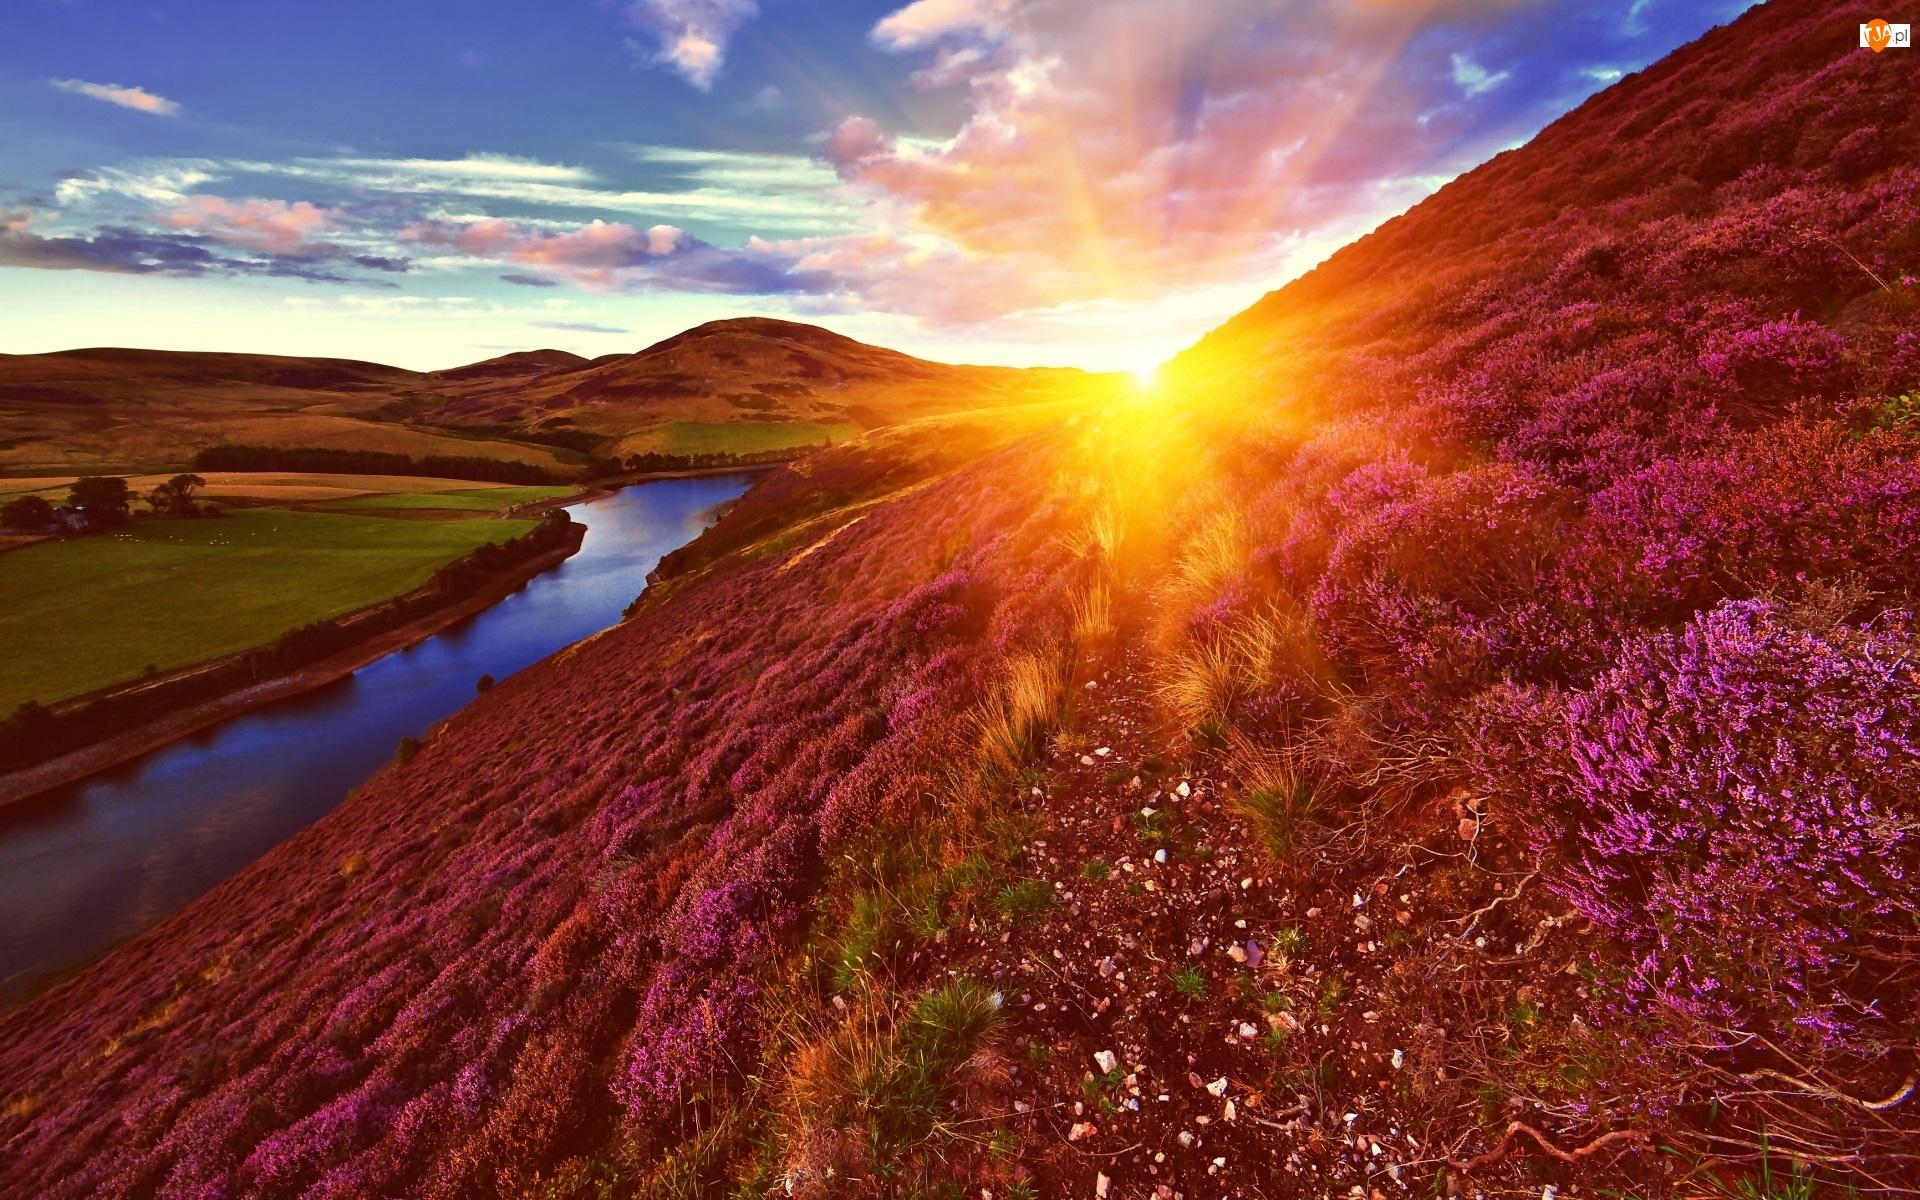 Wschód słońca, Wrzosy, Rzeka, Wzgórza